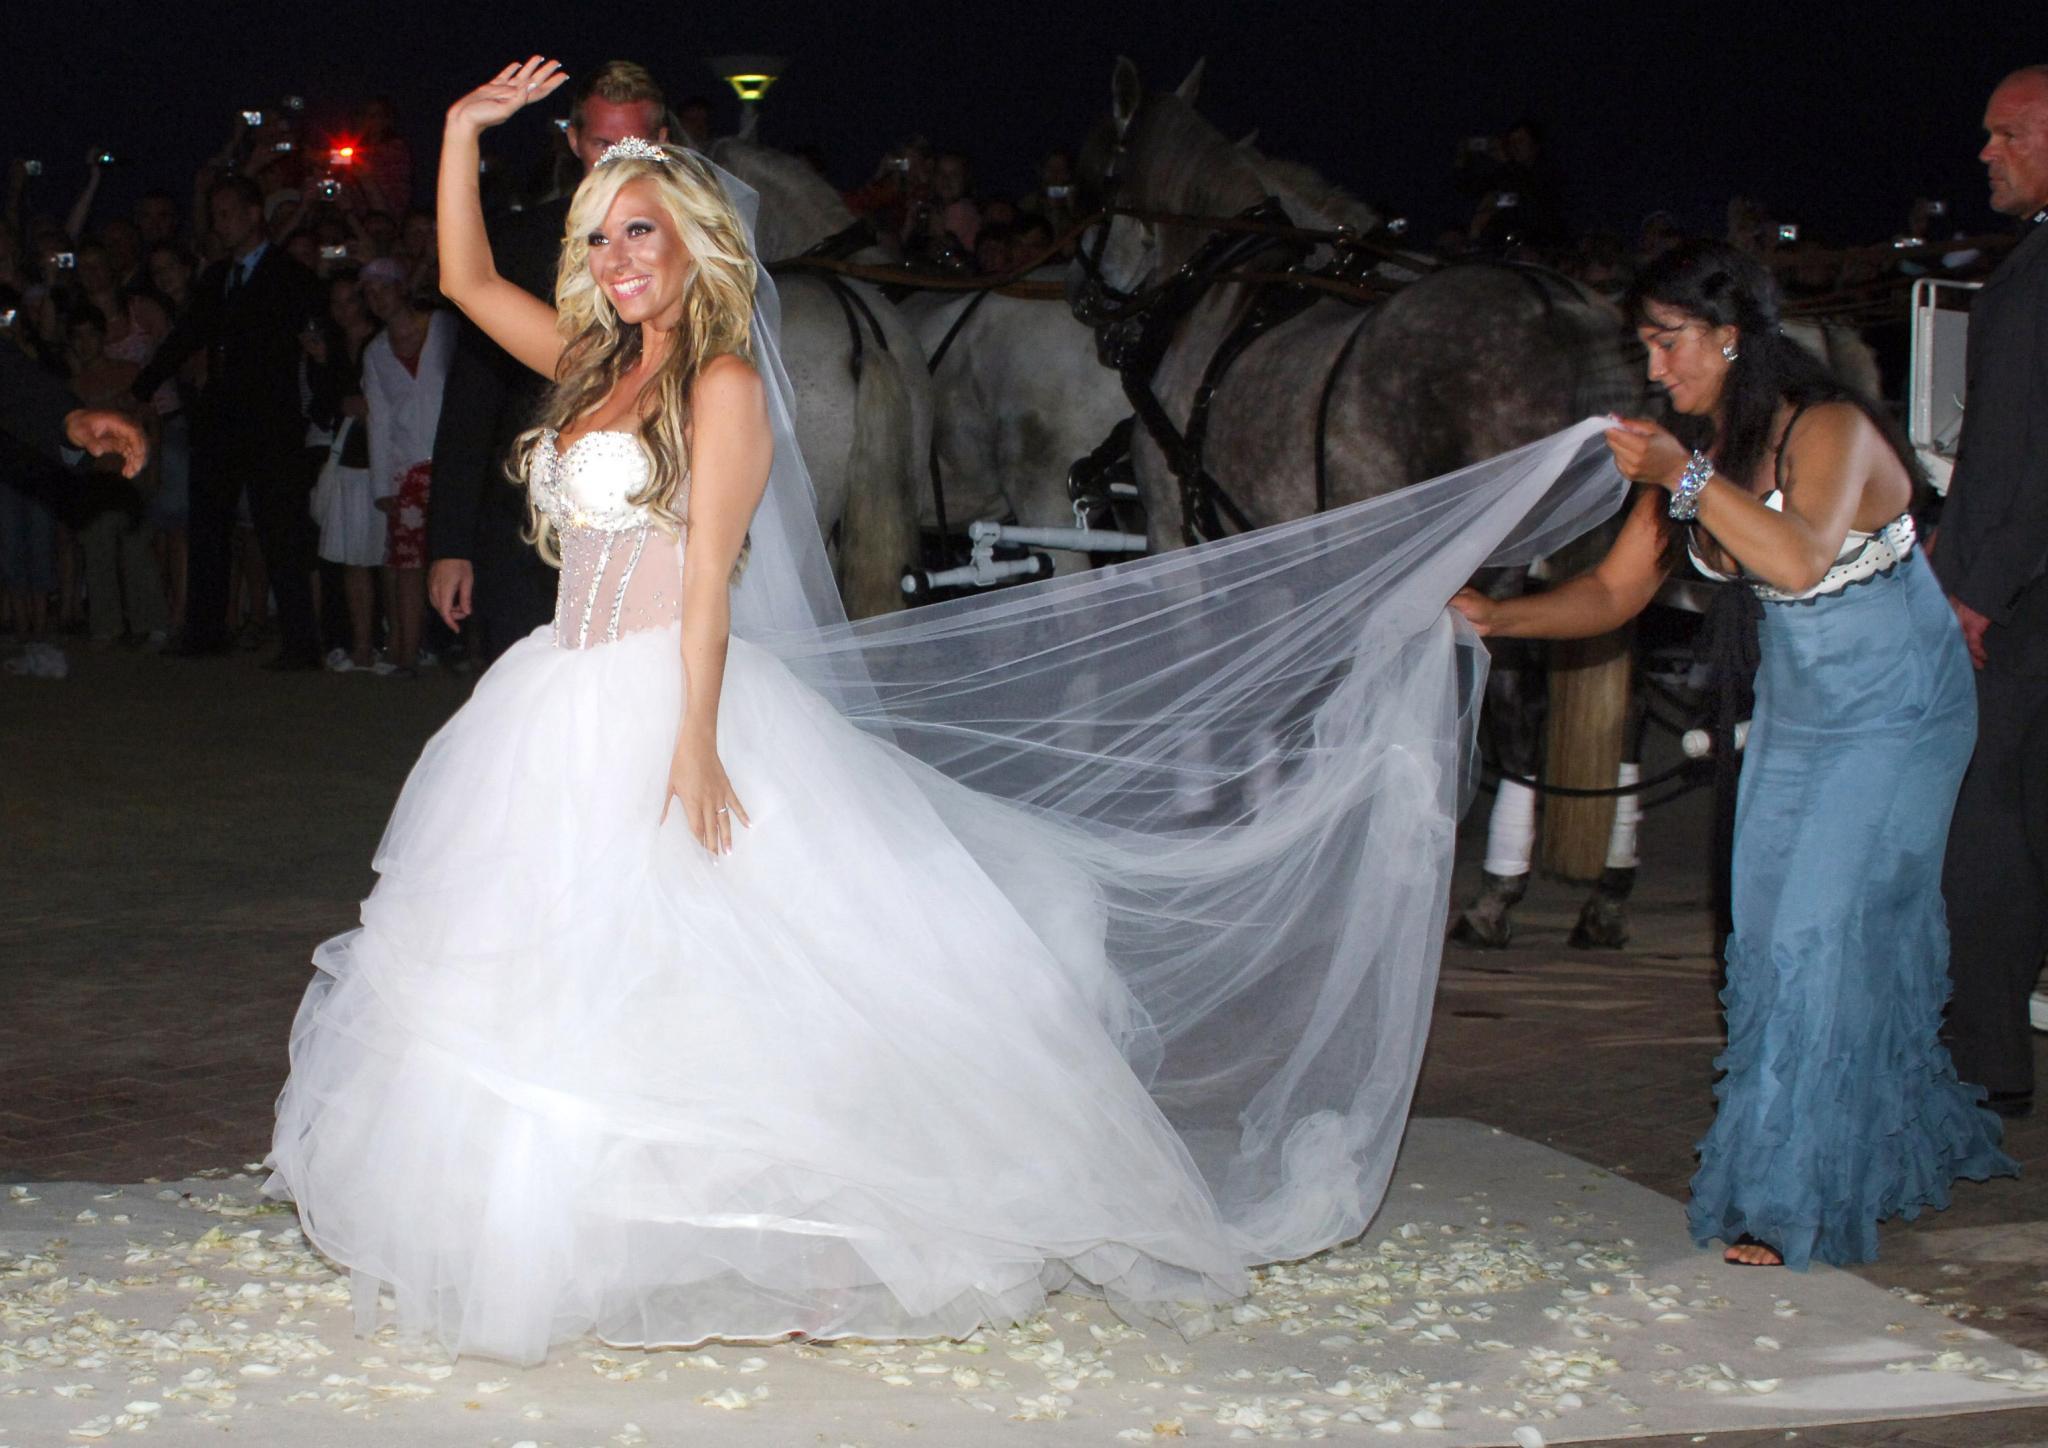 Katzenberger Hochzeit Bilder  Daniela Katzenberger Fotos ihres Wunsch Hochzeitskleides